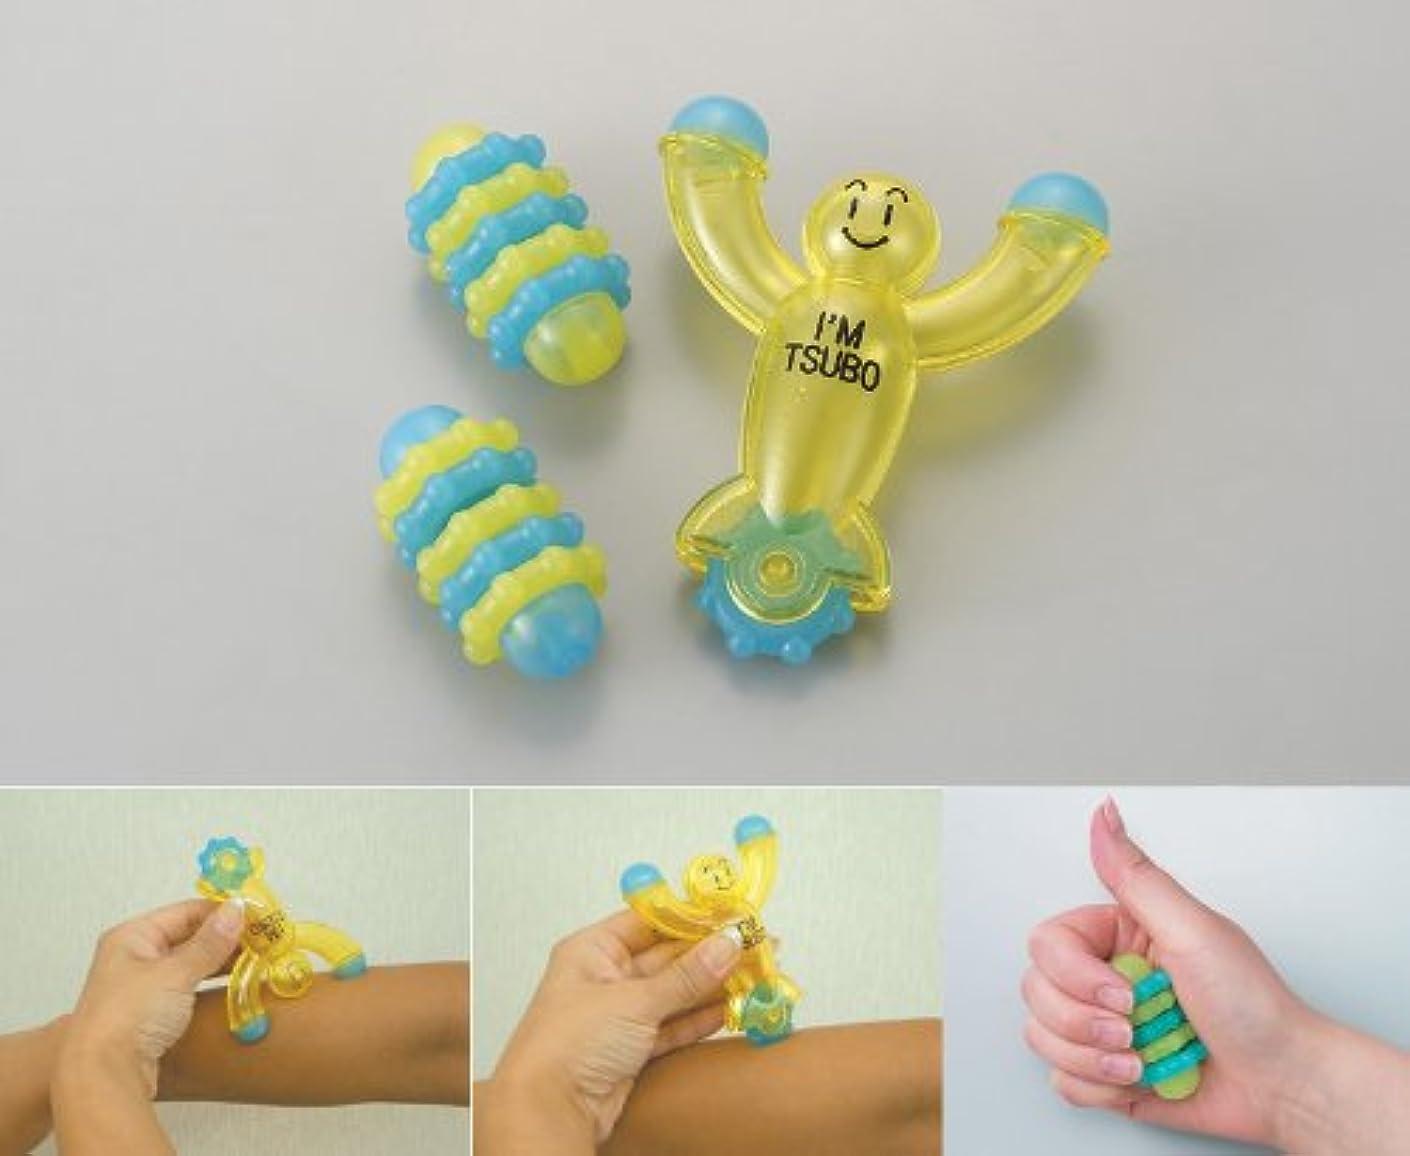 近似つかまえるあたたかいツボ押しツボローラー、手のひら健康具 ■ゆったり健康セット6